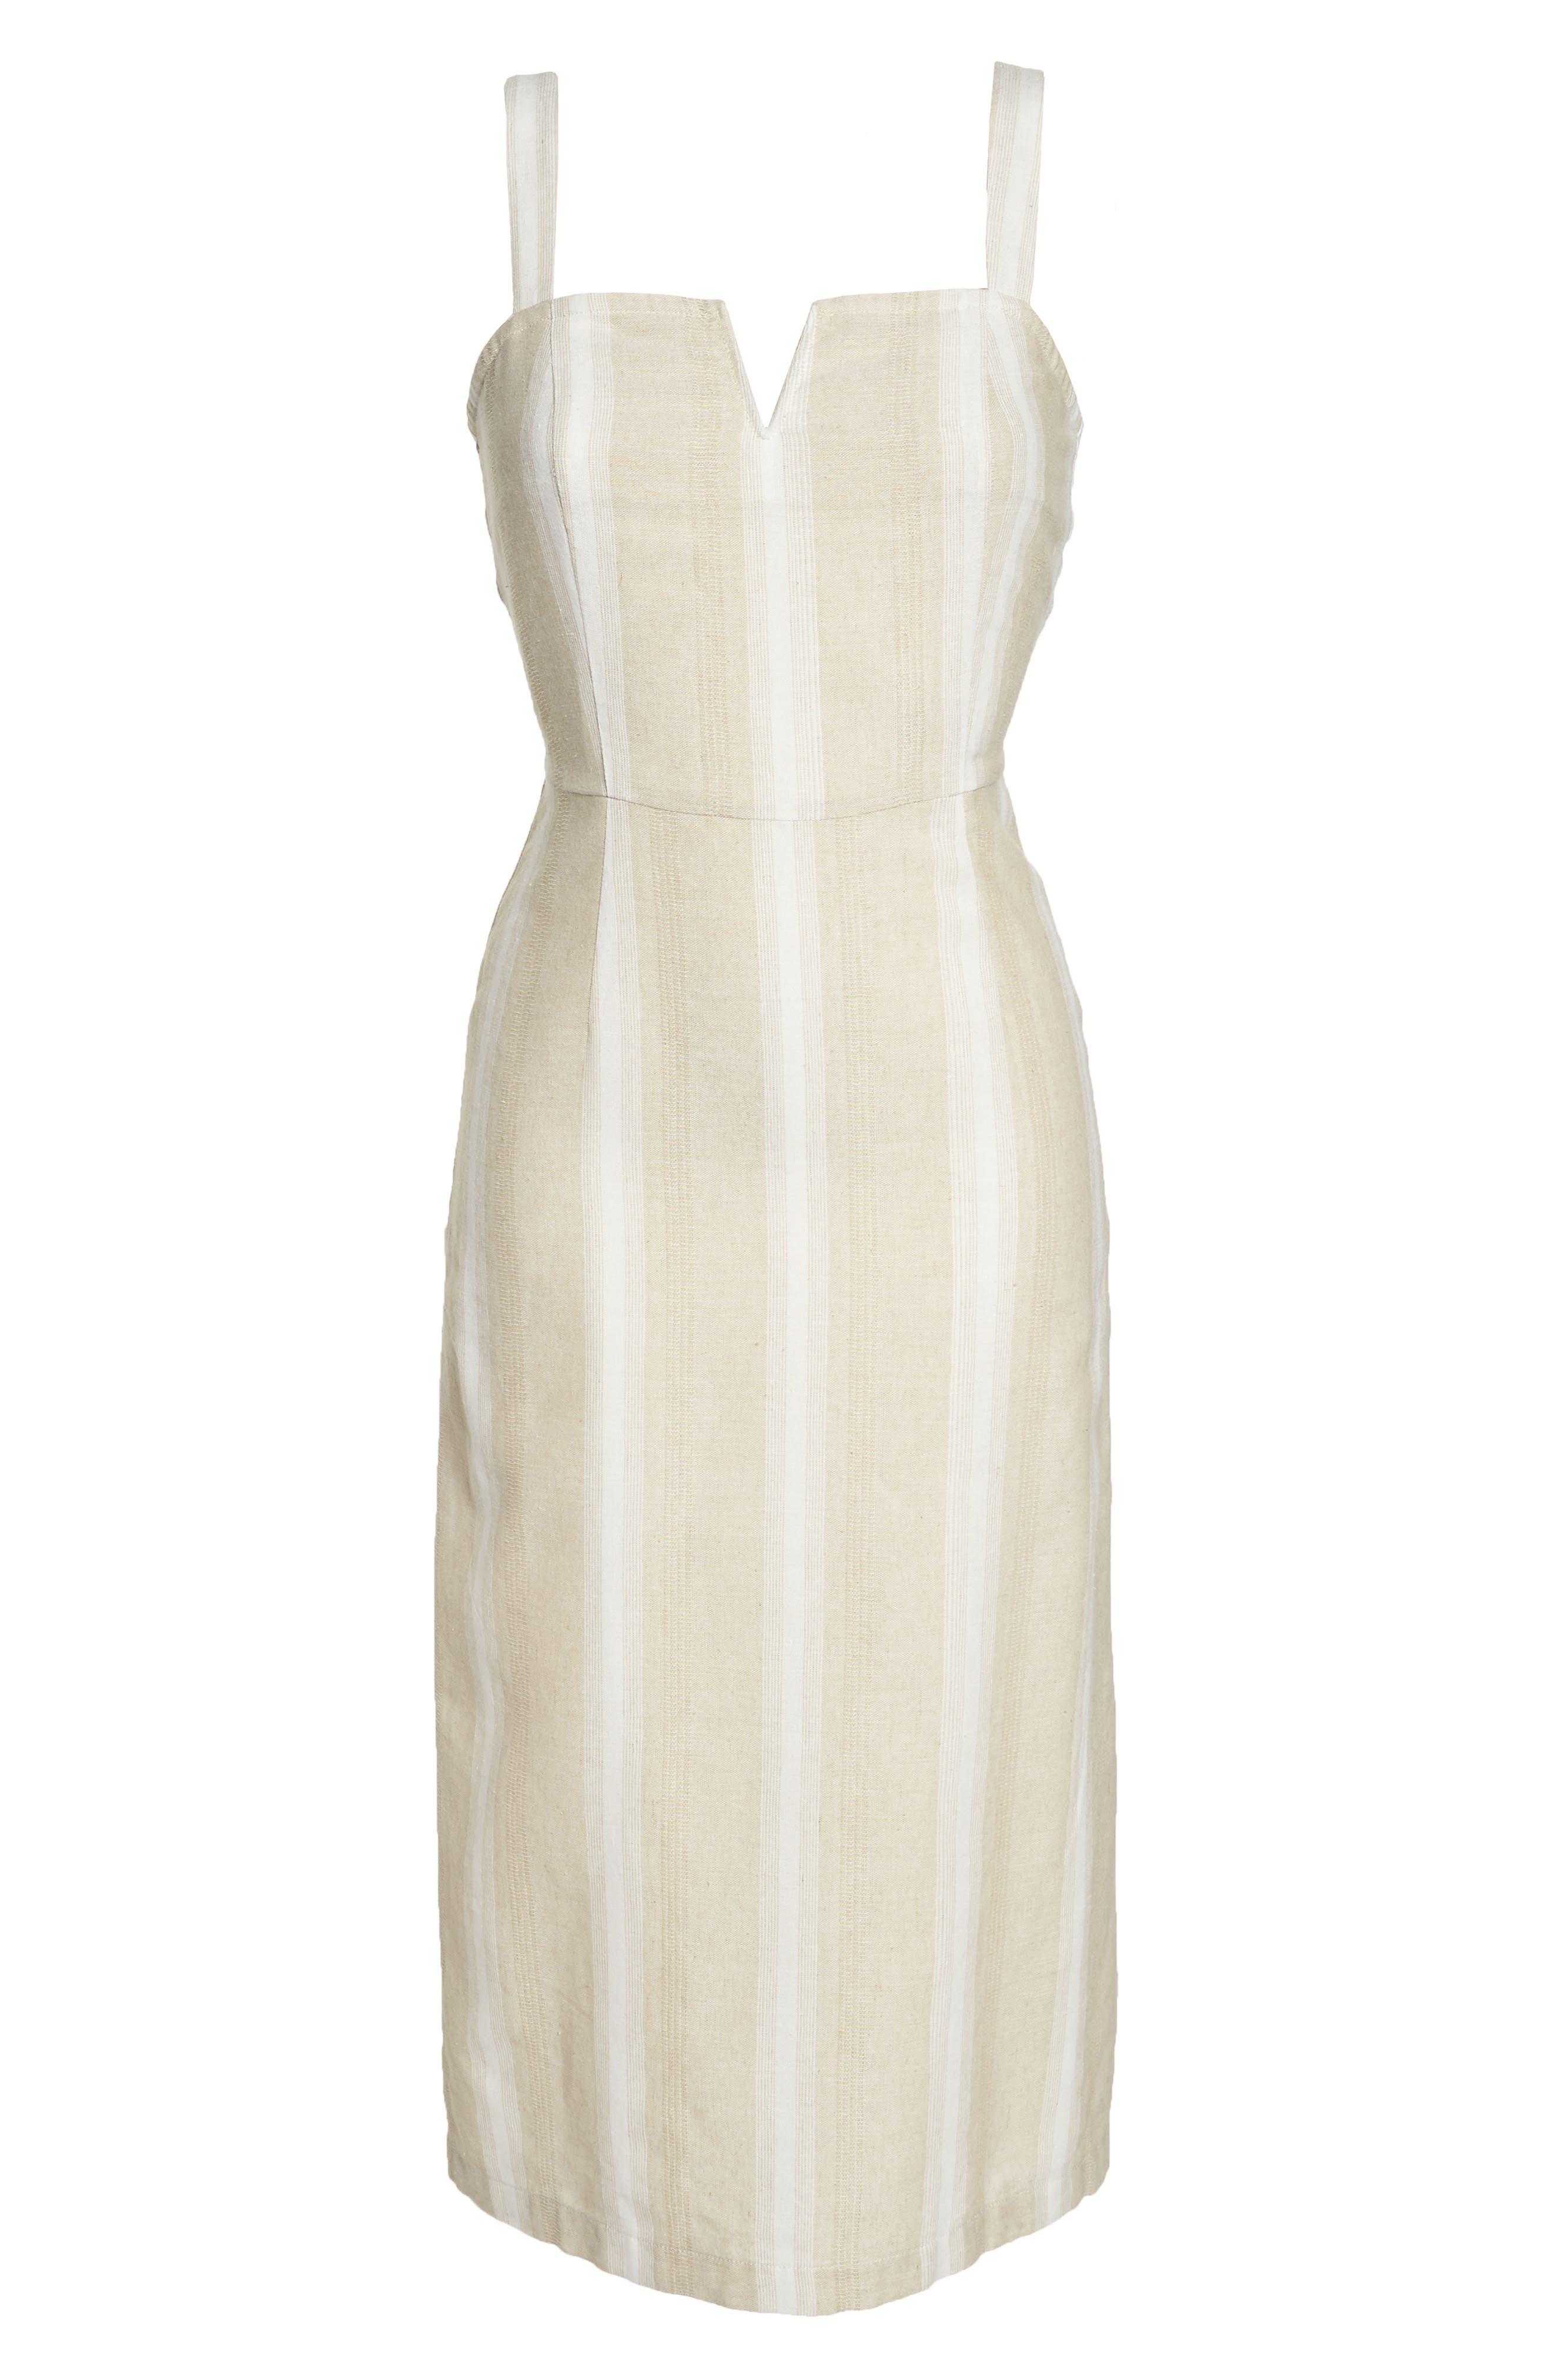 Peekabo Stripe Midi Dress,                             Alternate thumbnail 7, color,                             Sand